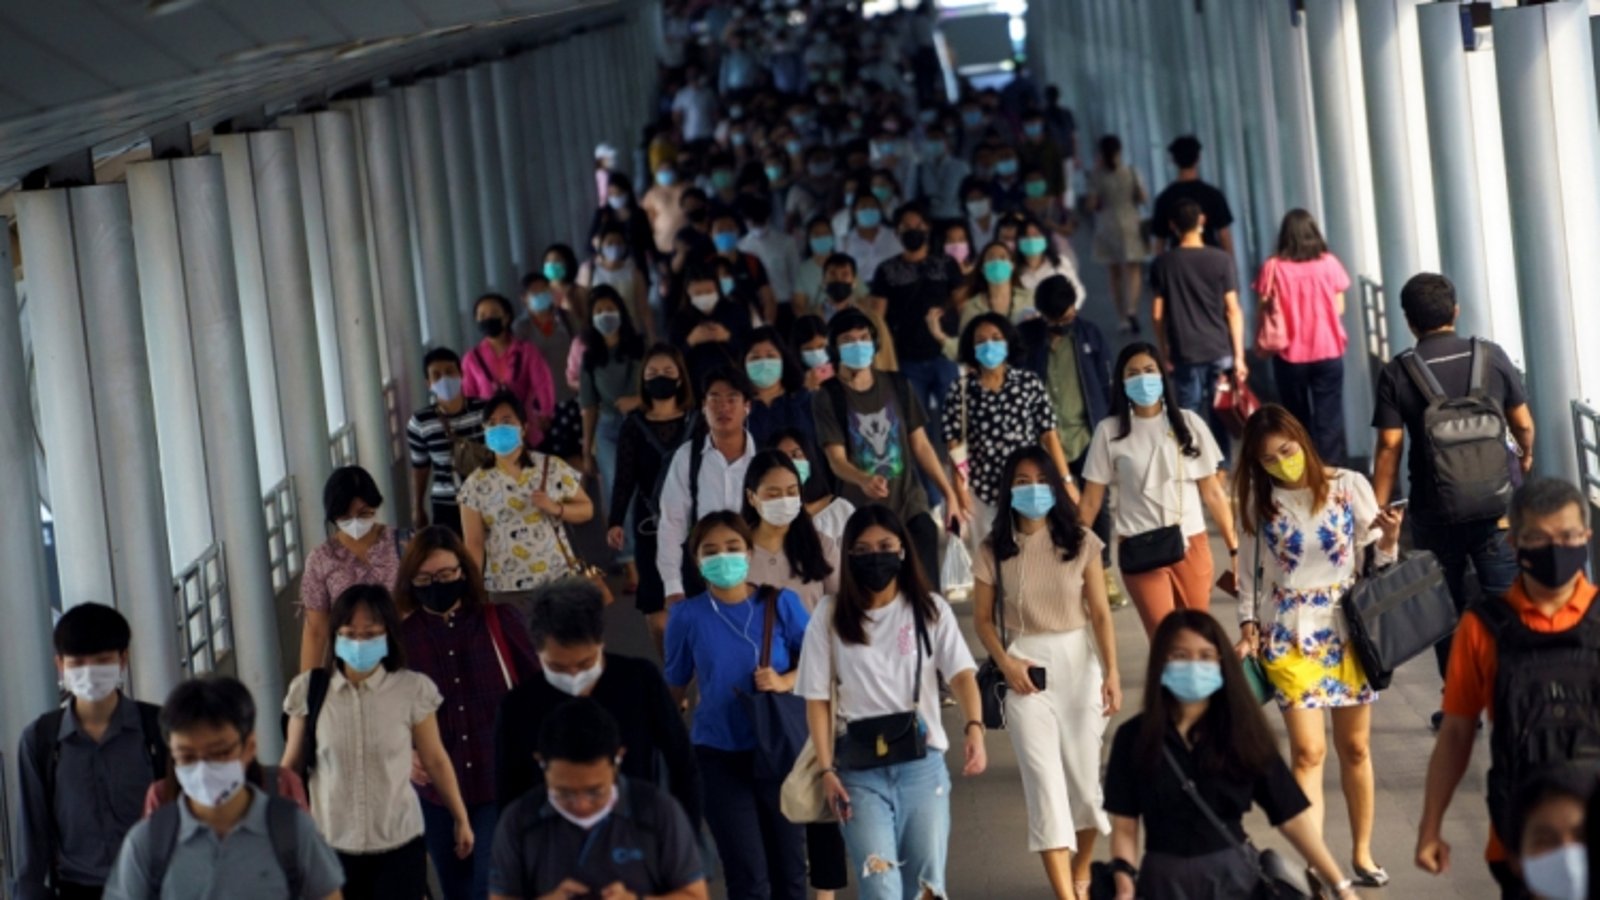 Đa số người dân Thái Lan muốn tiêm vaccine Covid-19